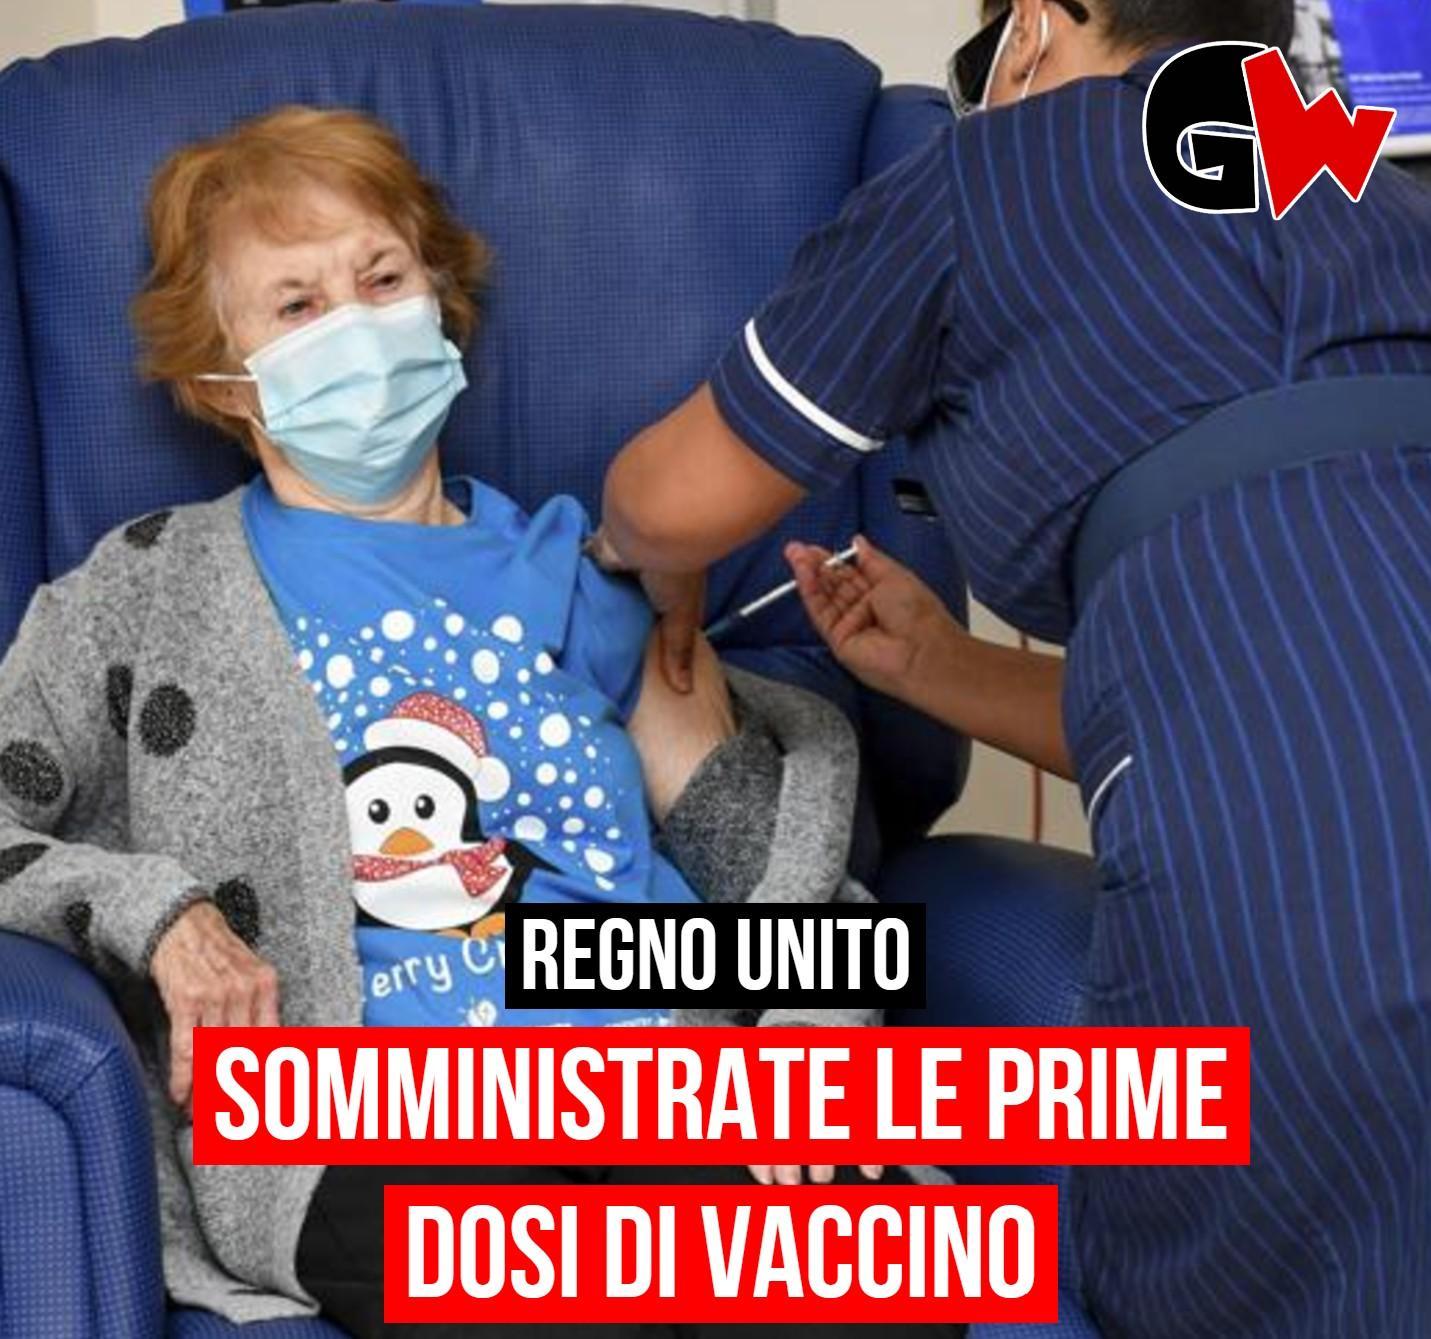 Covid, vaccino somministrato nel Regno Unito - Gwendalina.tv